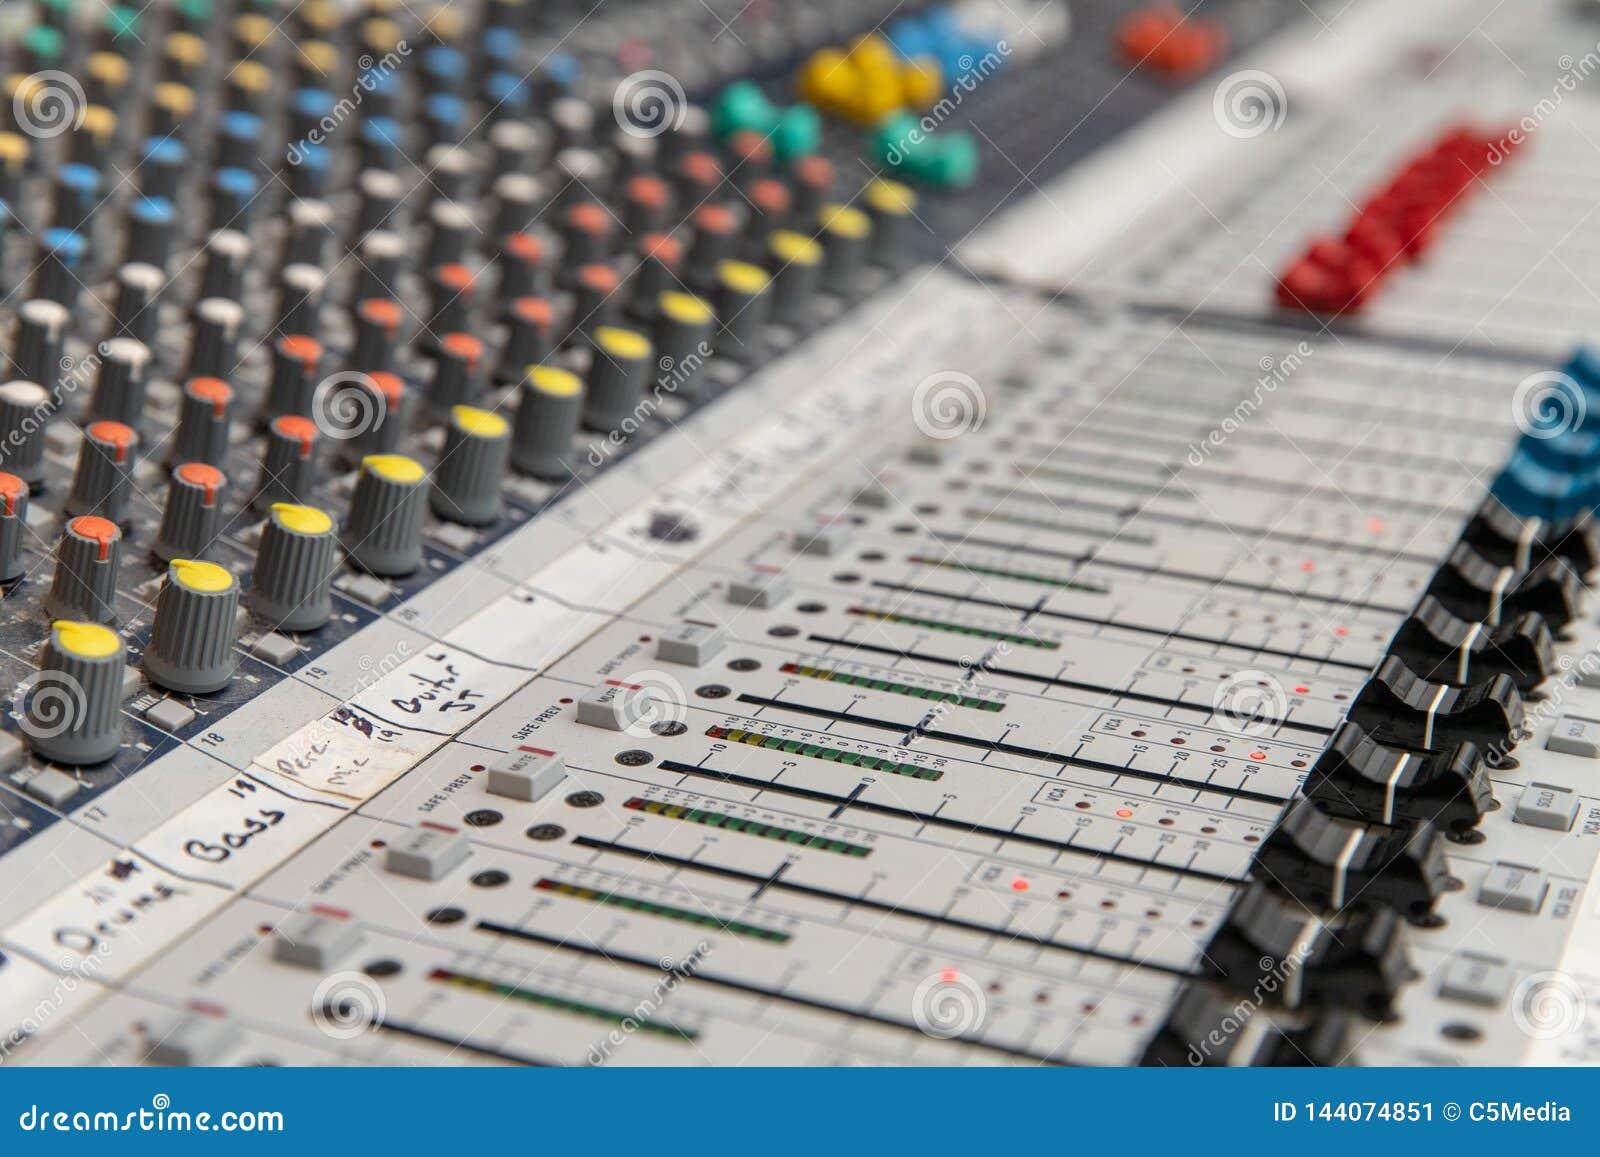 Console de mistura audio análogo